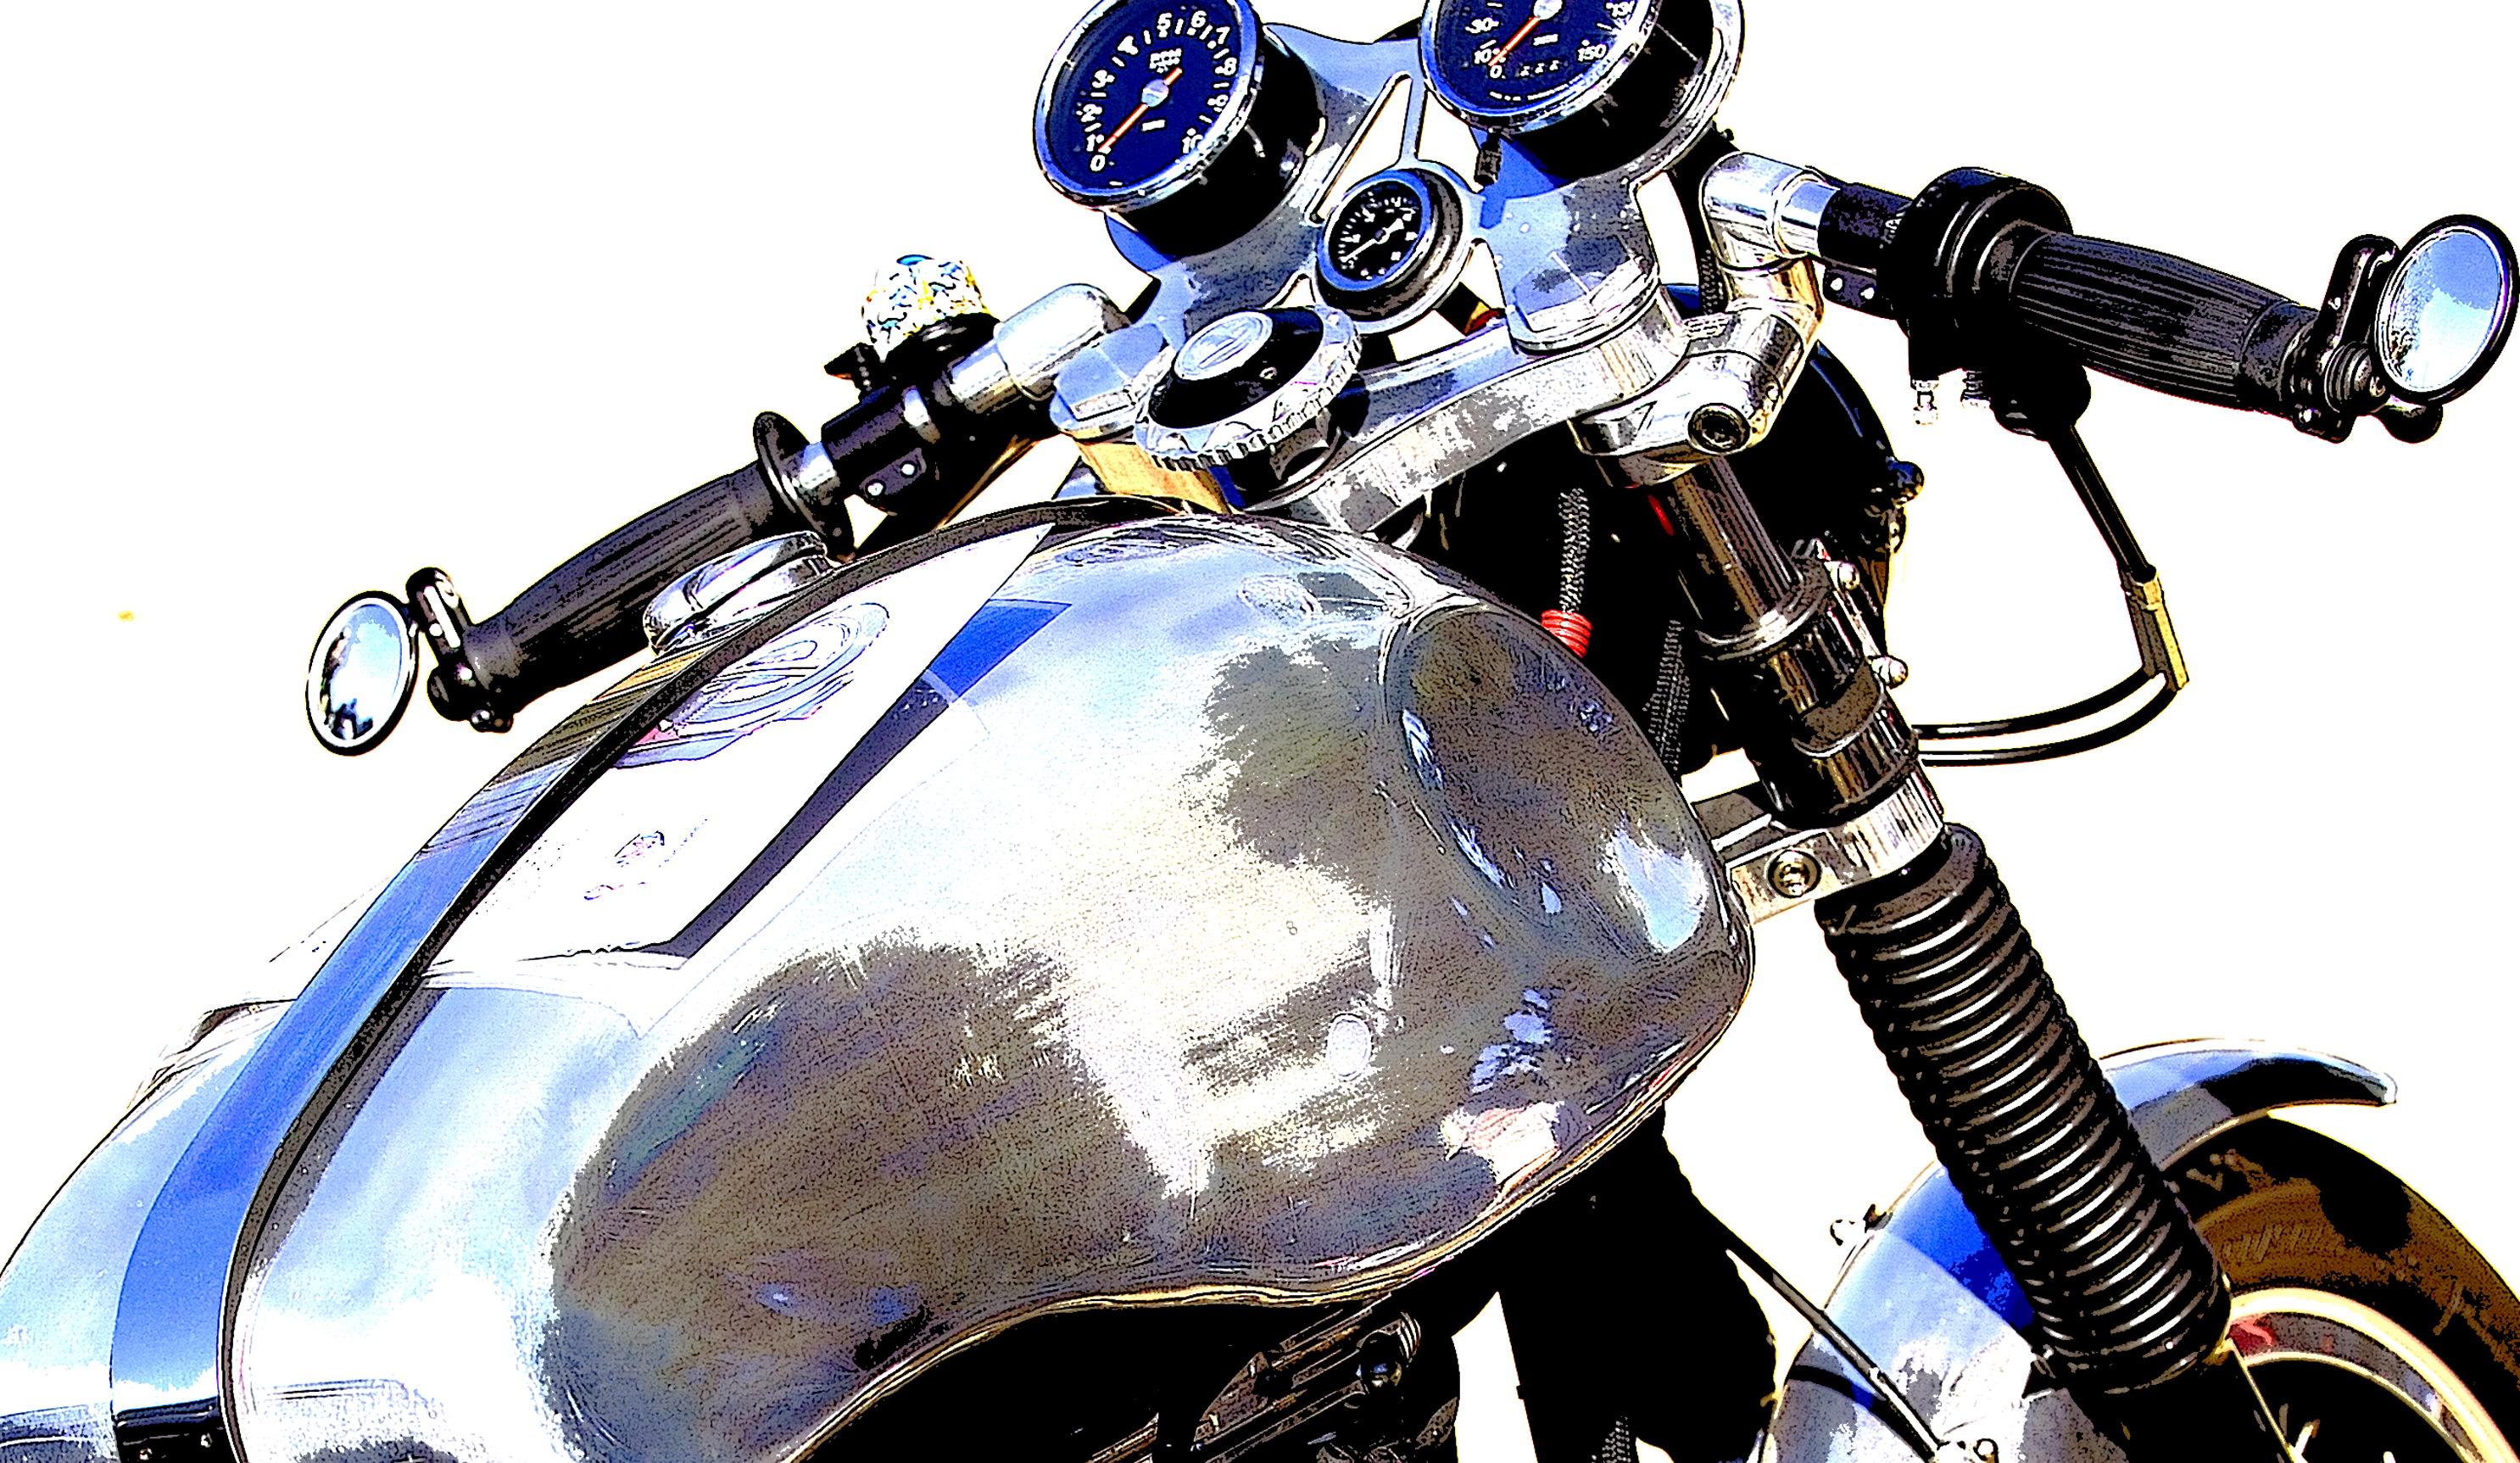 Chrome_Tank_Cafe_Racer_Nov04_MS87_GM220229